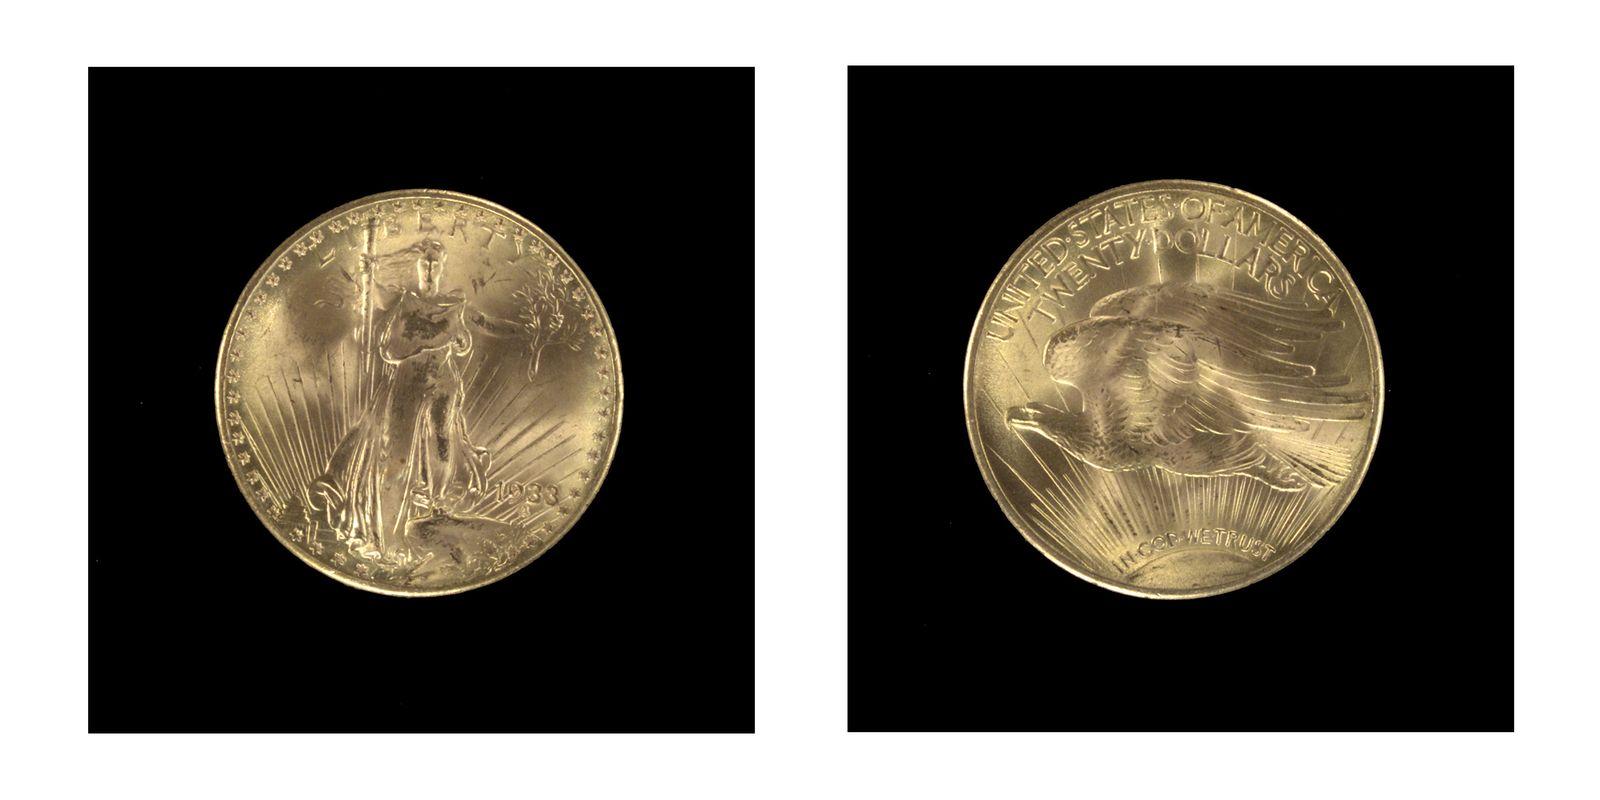 Goldmünze / Double Eagle